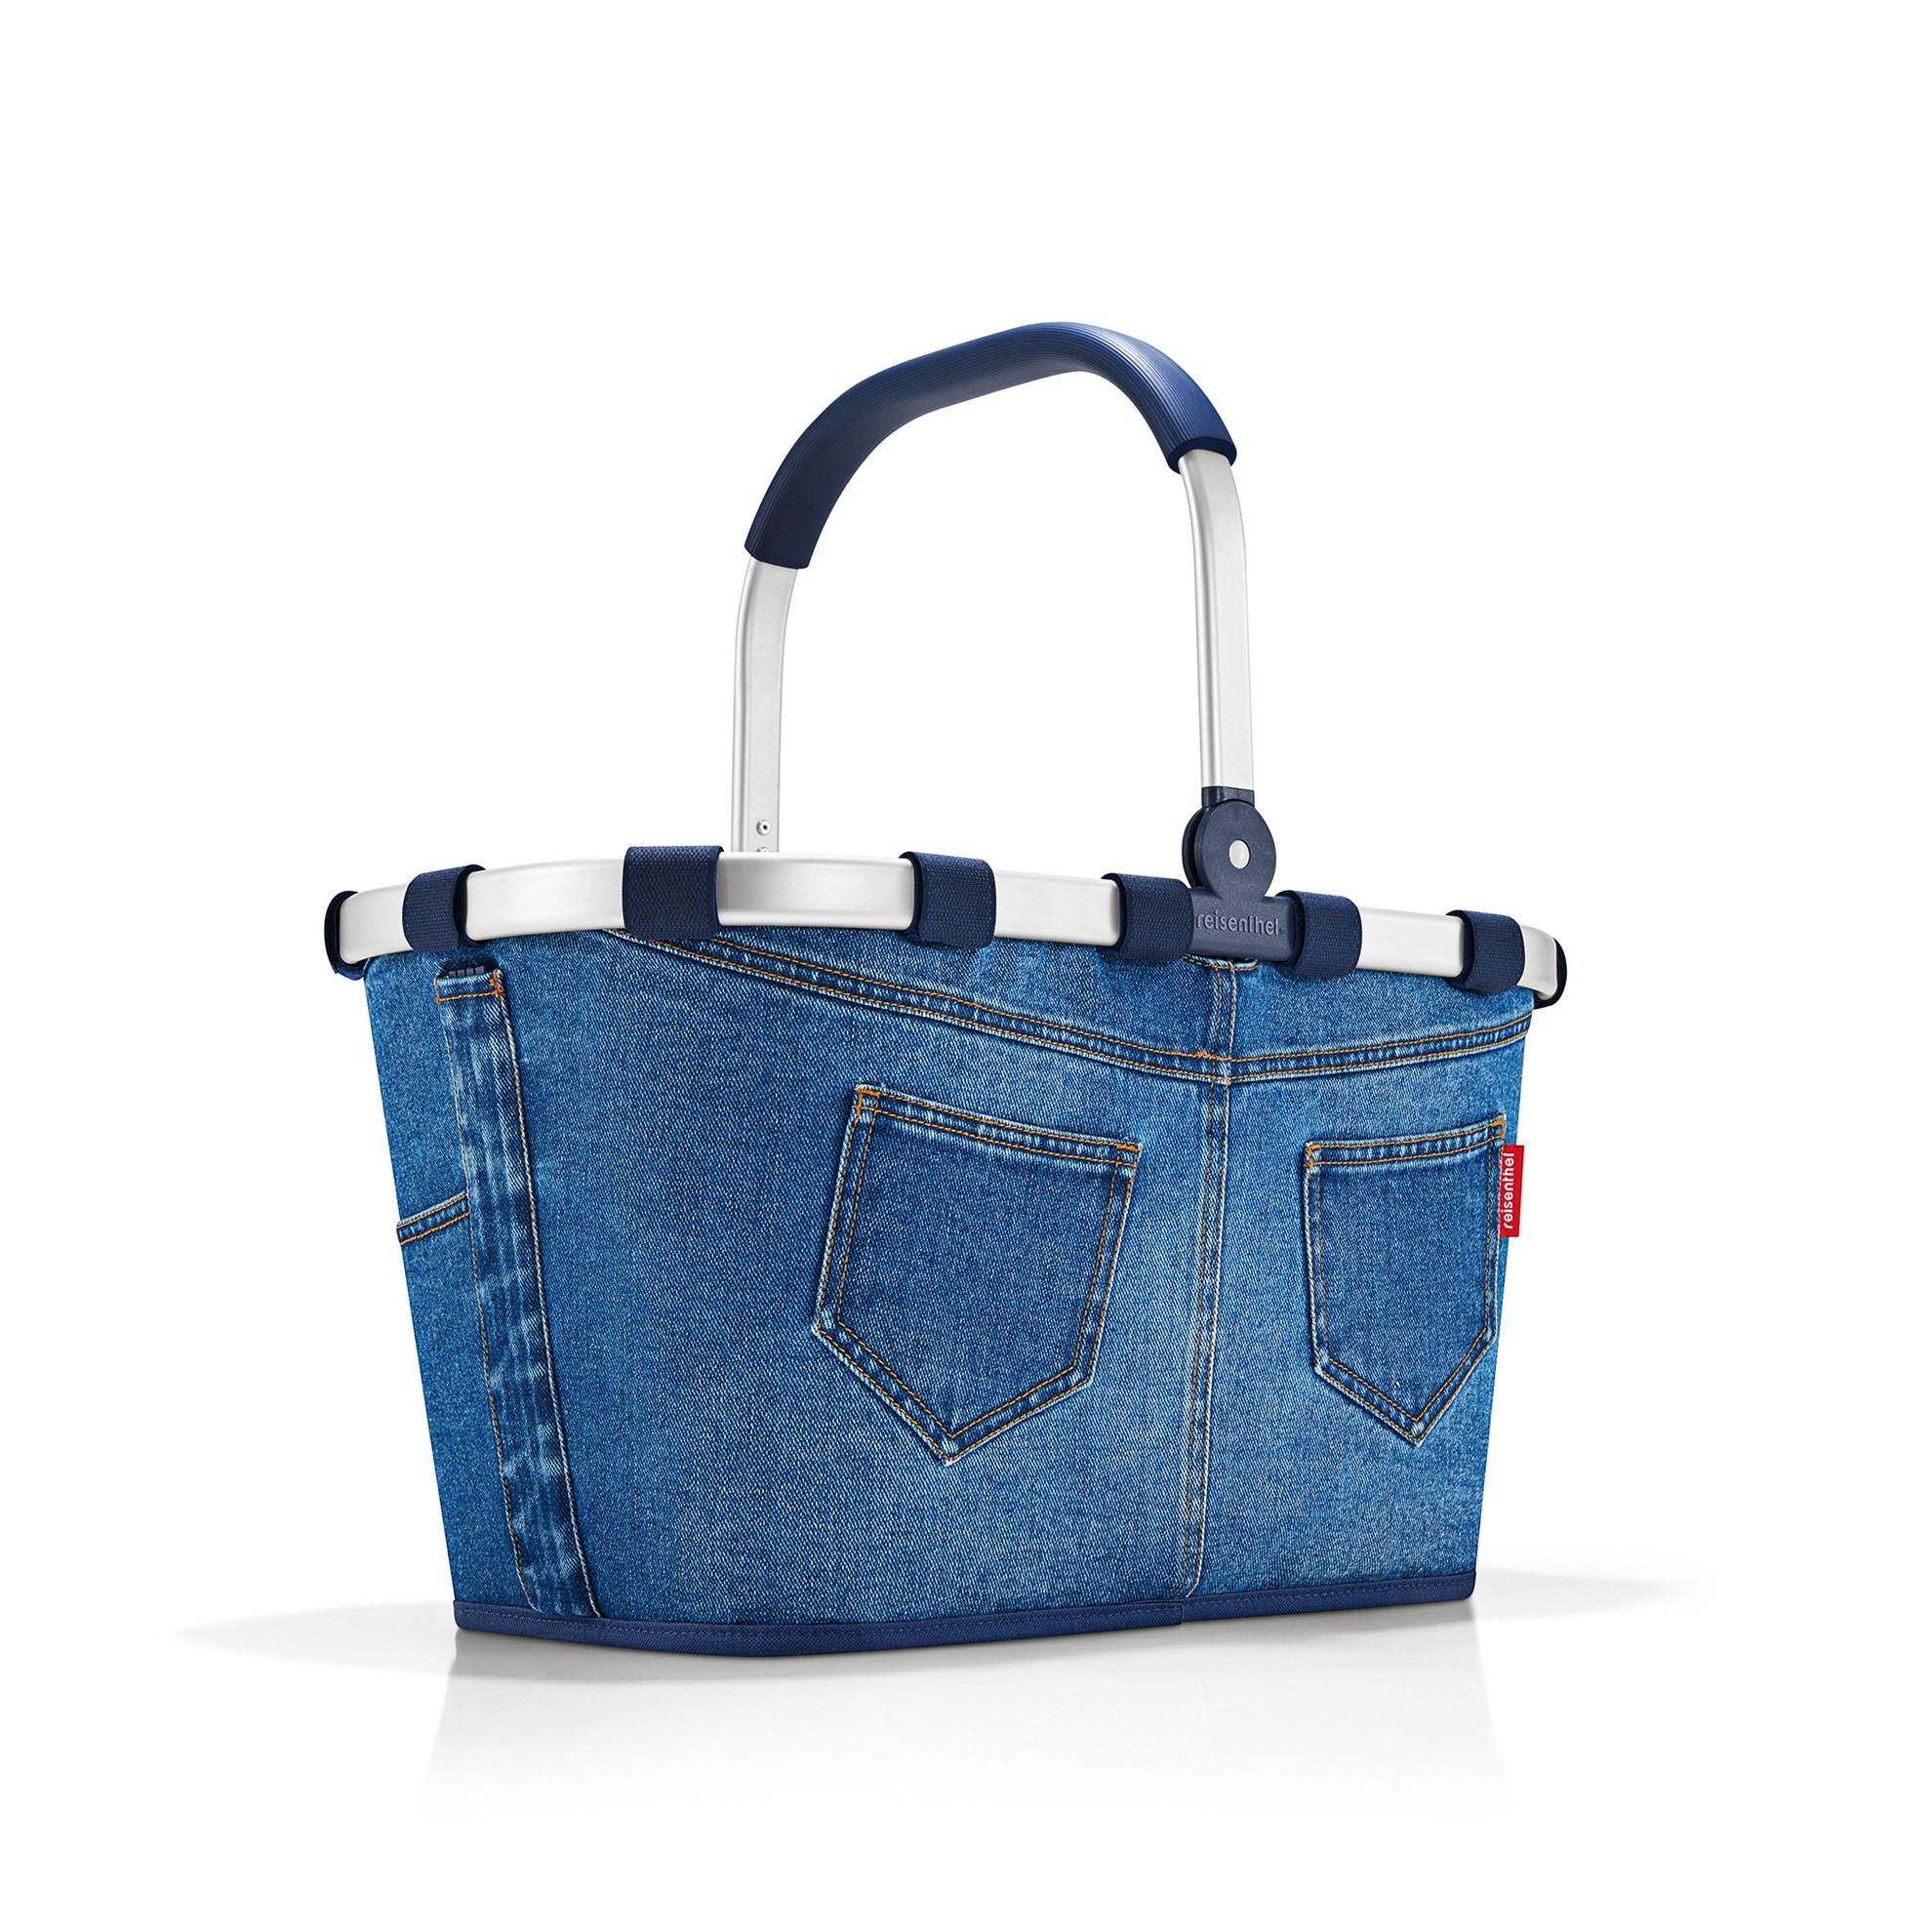 Nákupní košík CARRYBAG jeans_2